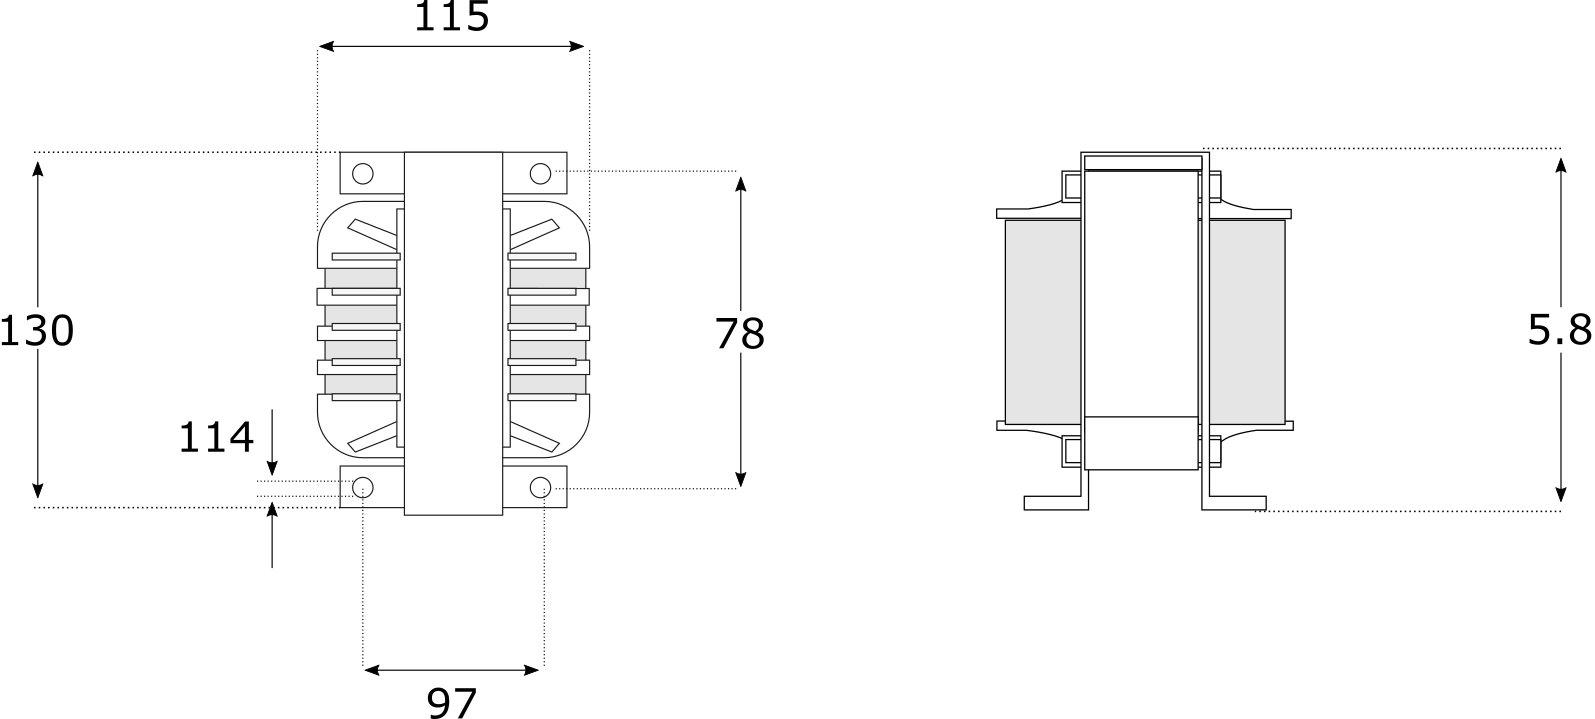 Dimensions Mundorf Zero Coil